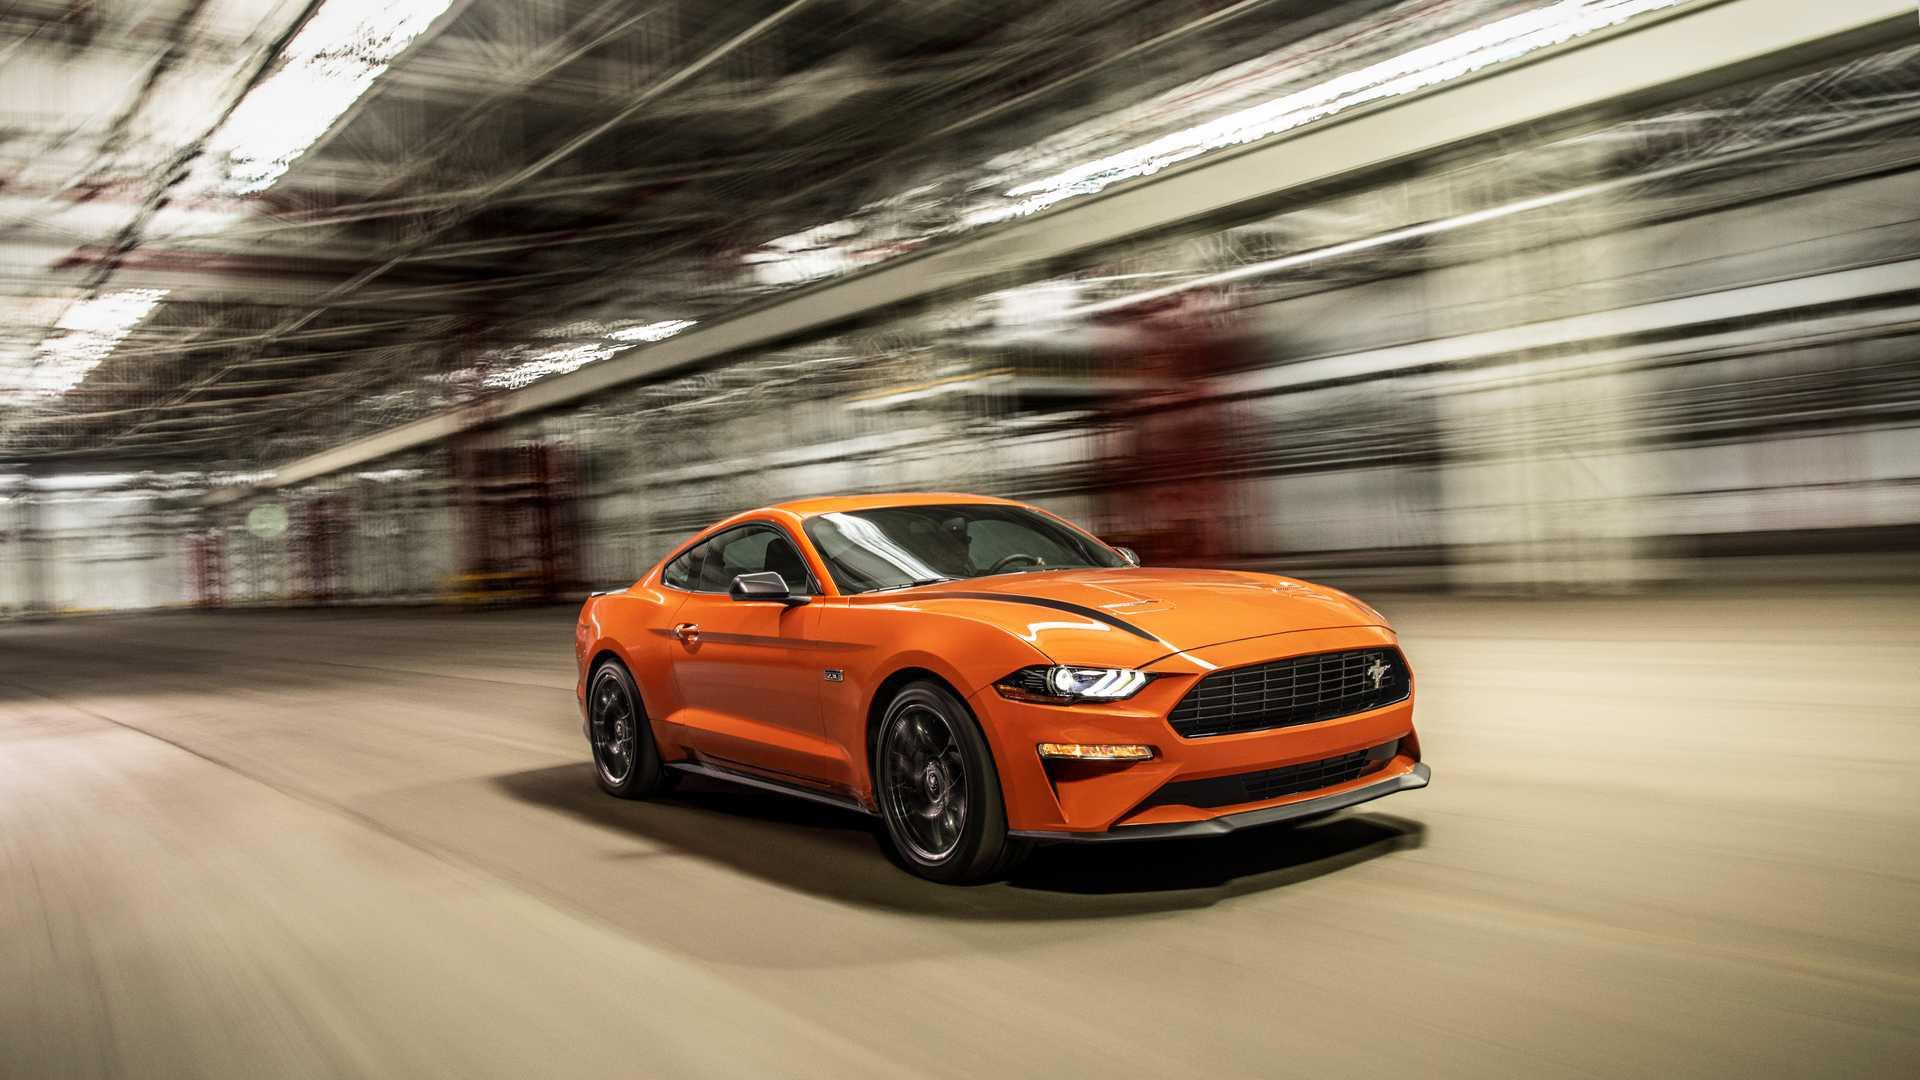 2020-ford-mustang-high-perf-package-2.jpg